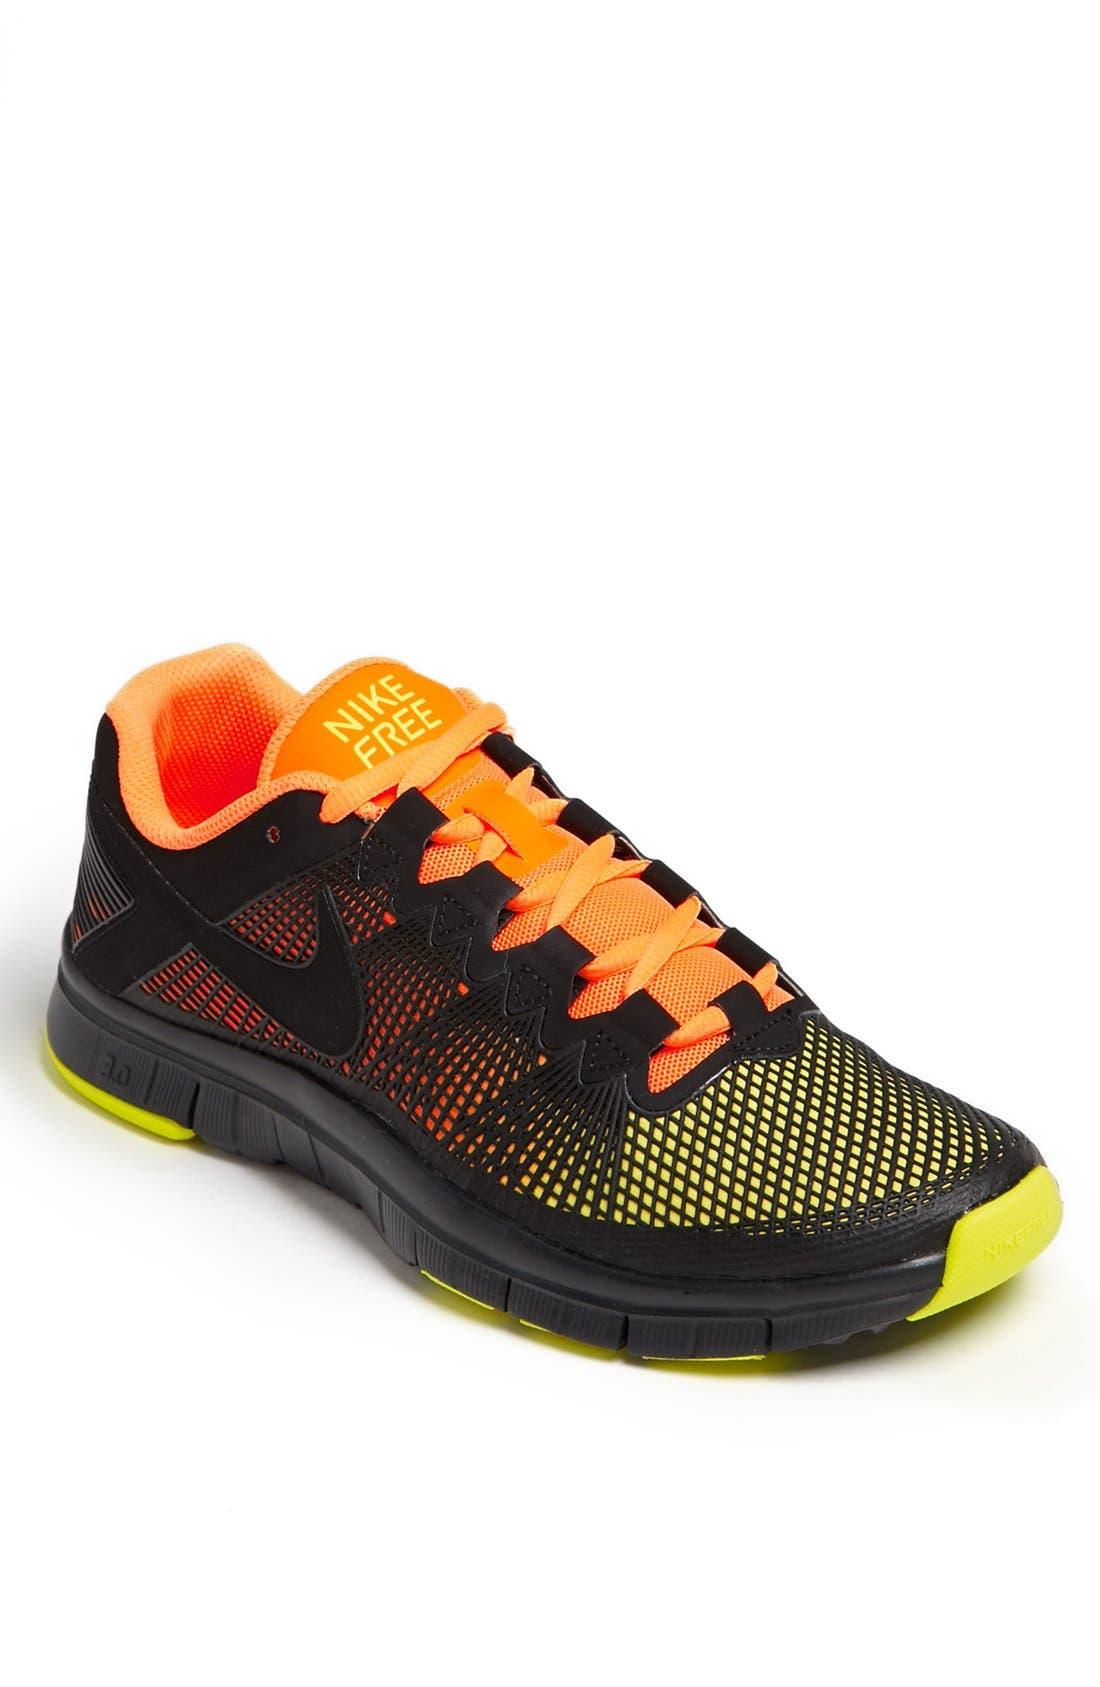 Main Image - Nike 'Free Trainer 3.0 NRG' Training Shoe (Men)